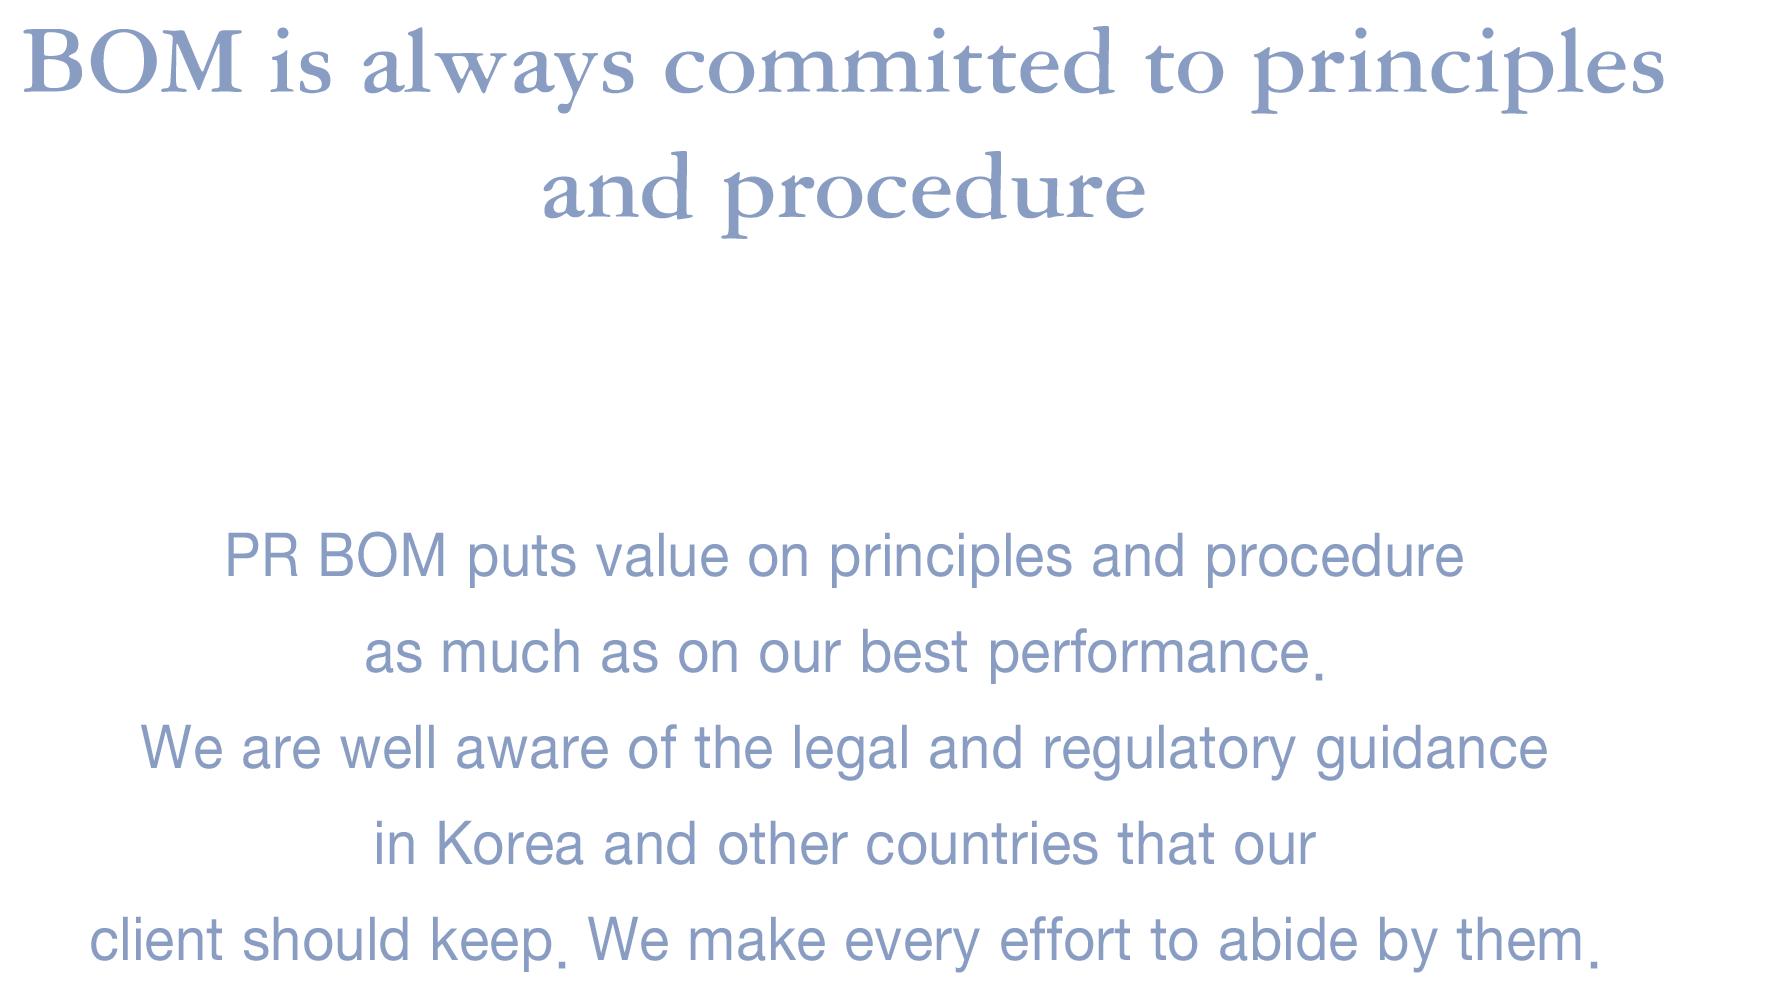 봄은 원칙과 절차를 중요하게 여깁니다. PR봄은 최고의 성과만큼, 원칙과 절차를 중요하게 생각합니다. 고객사가 지켜야 하는 국내외 법과 가이드라인을 잘 이해하고 있으며, 이를 준수하기 위해 노력합니다.